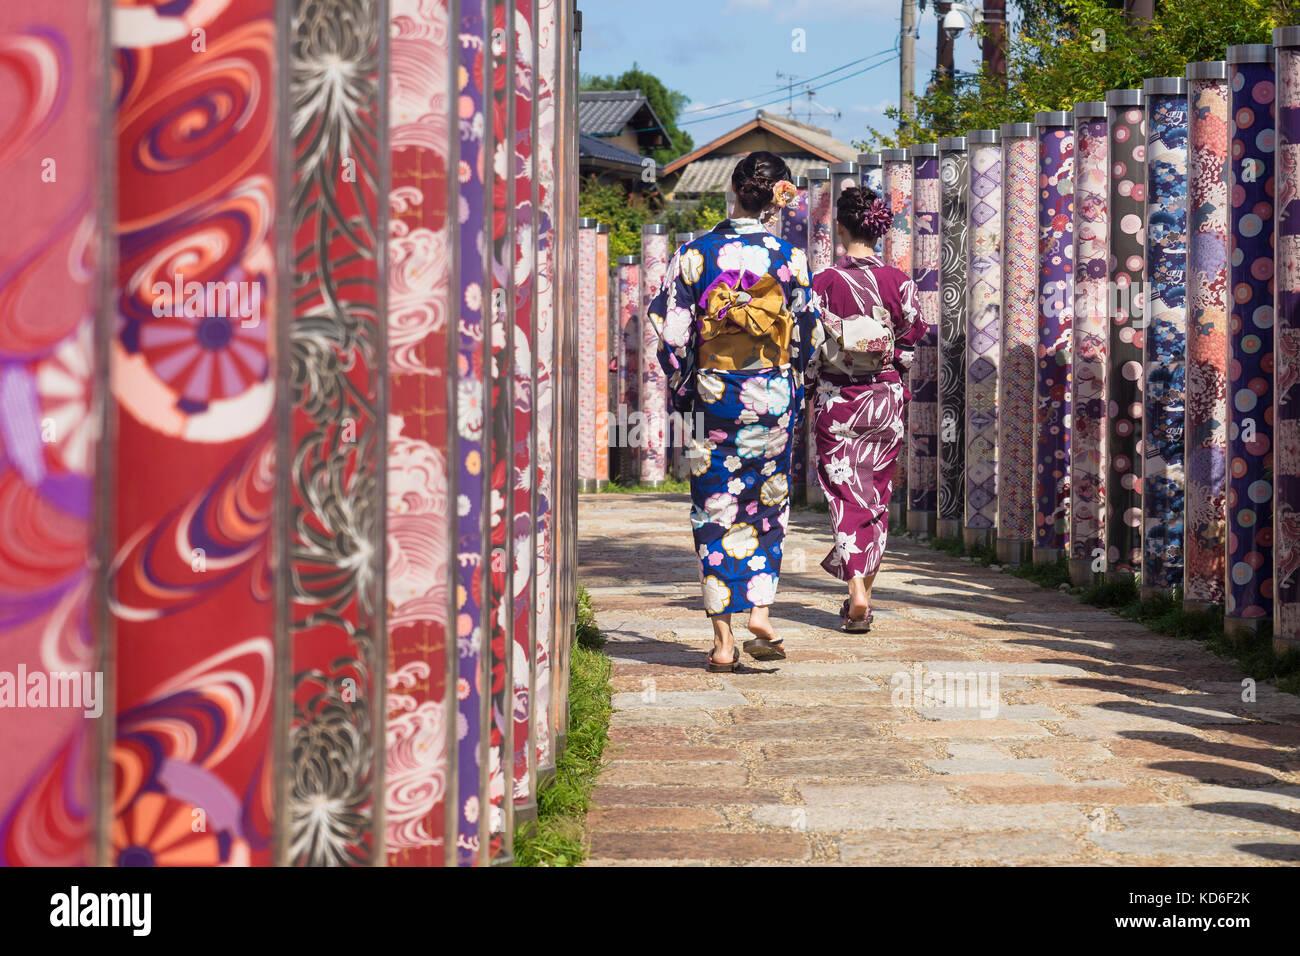 De arashiyama, Kyoto, Japon - 18 septembre 2017: deux kimonos femme avec promenade à travers des poteaux Photo Stock